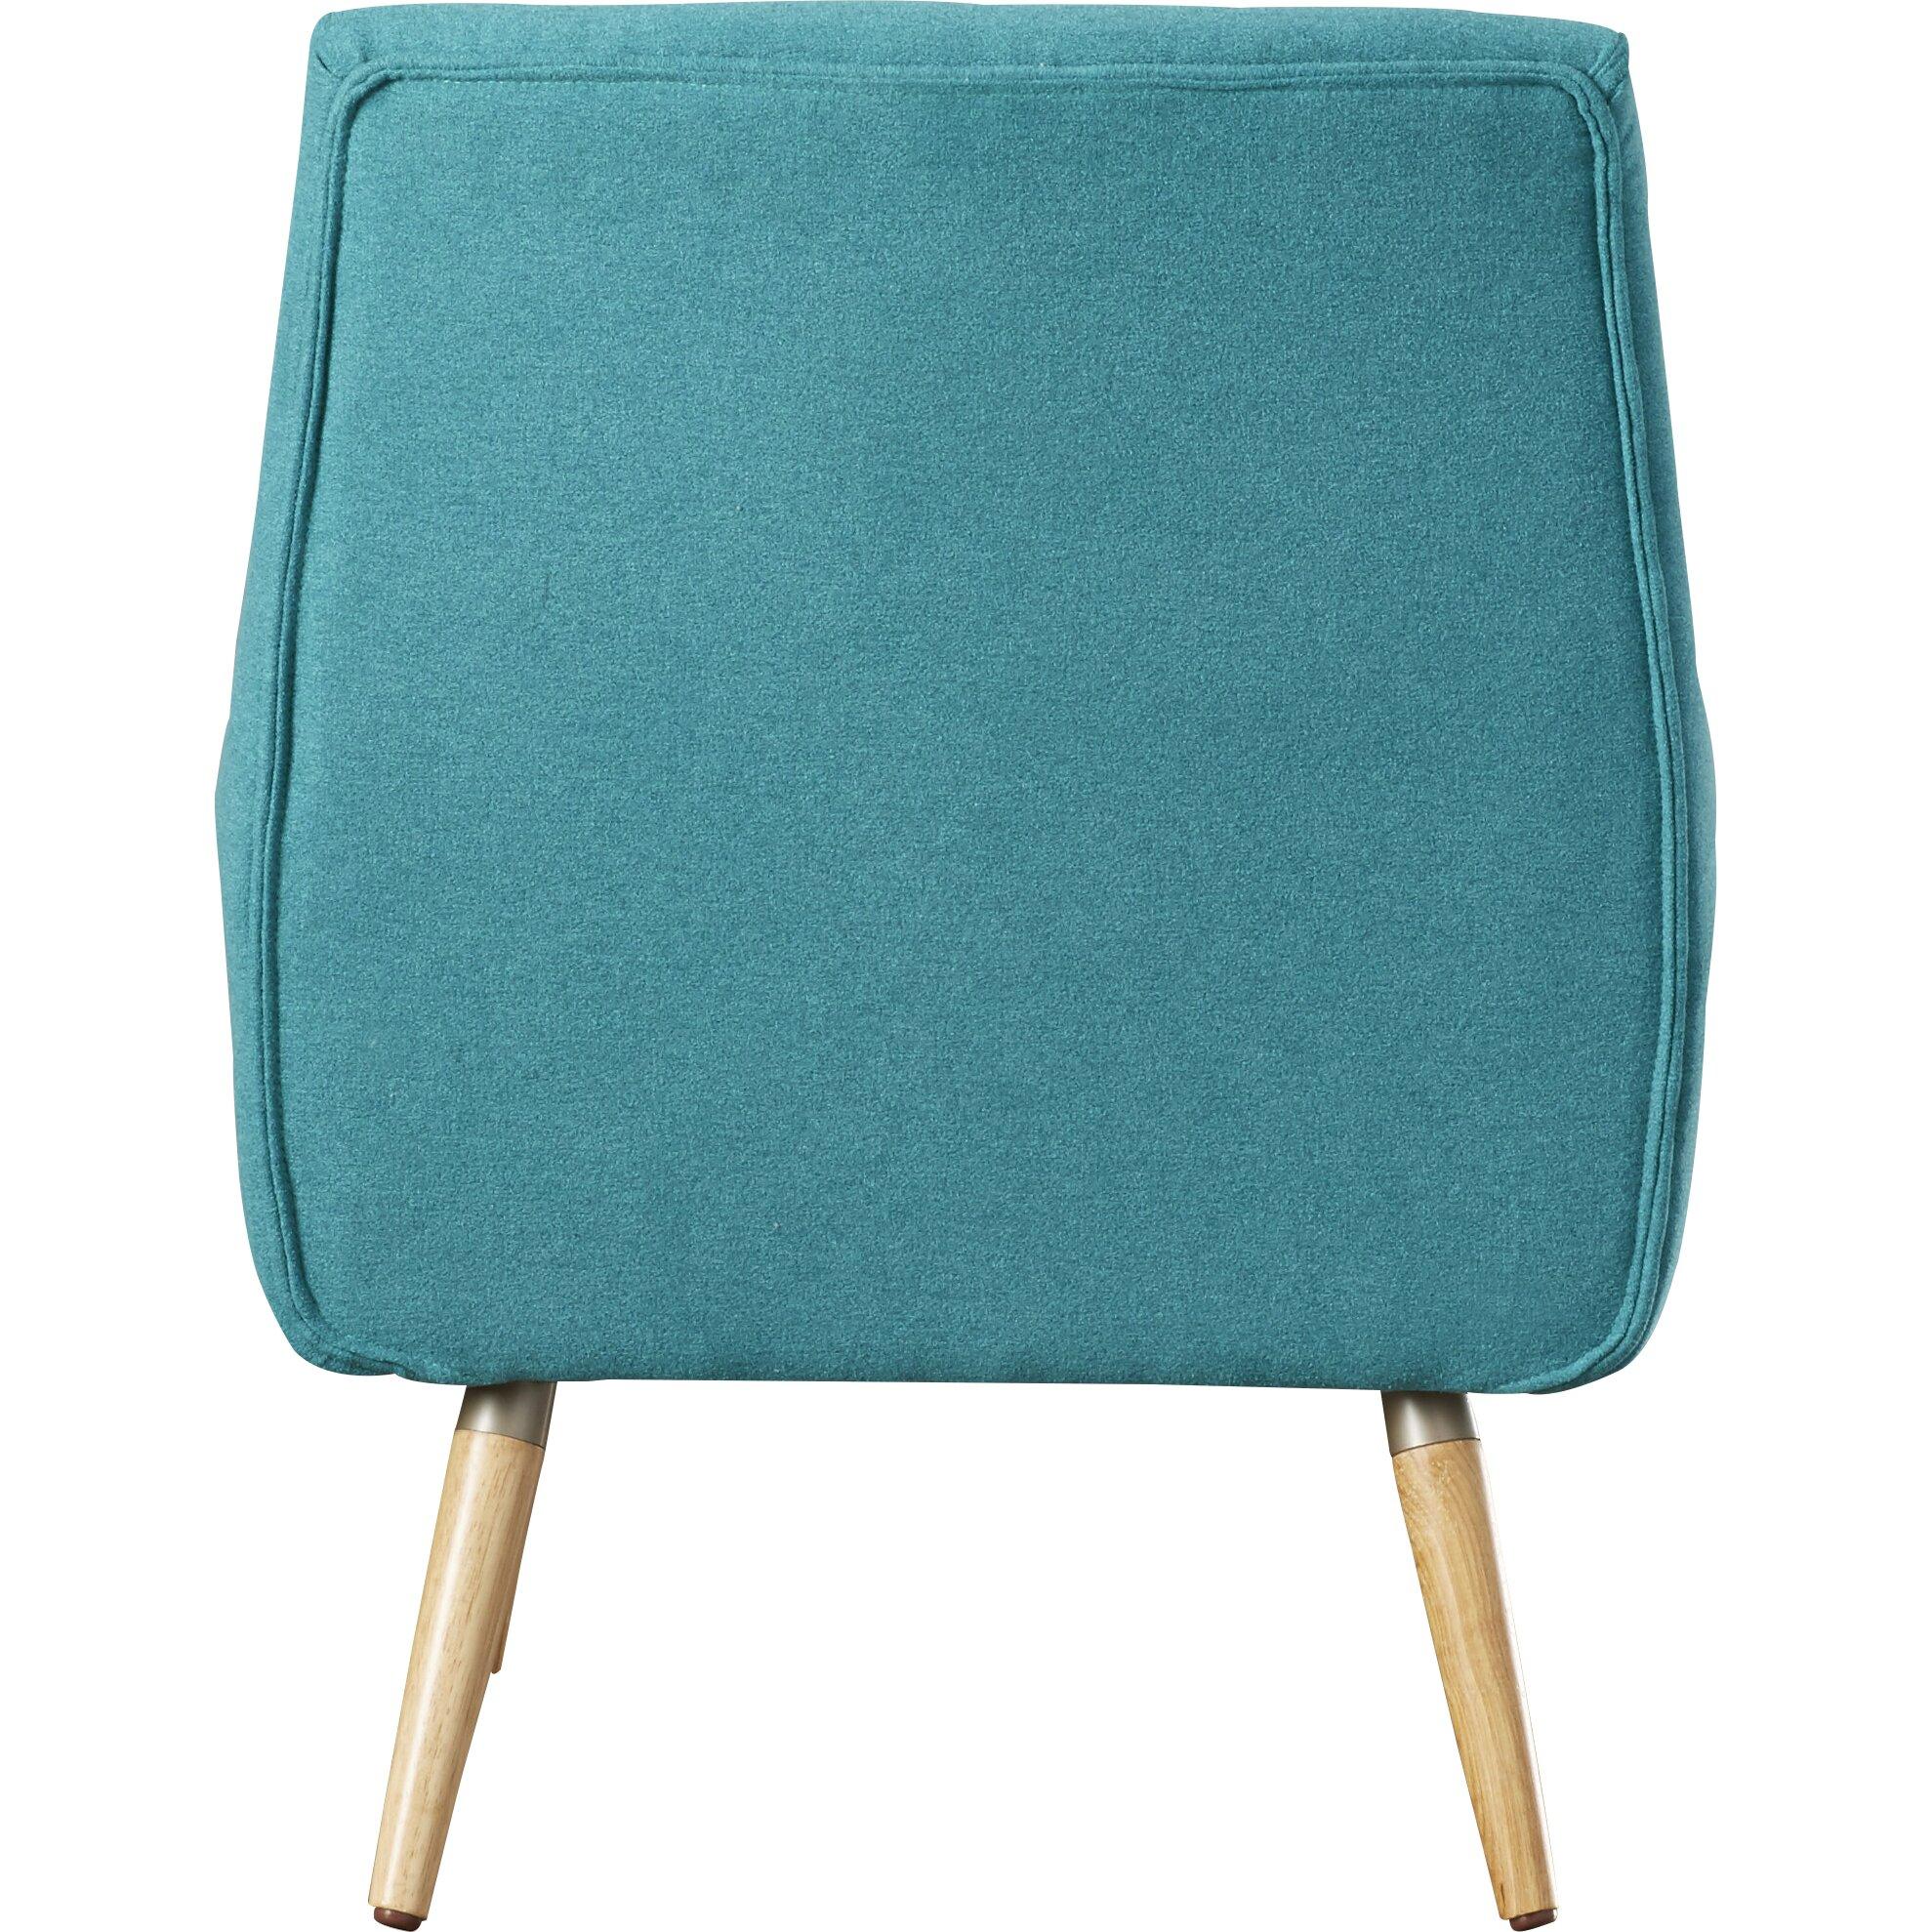 Langley Street Eytel Arm Chair Amp Reviews Wayfair